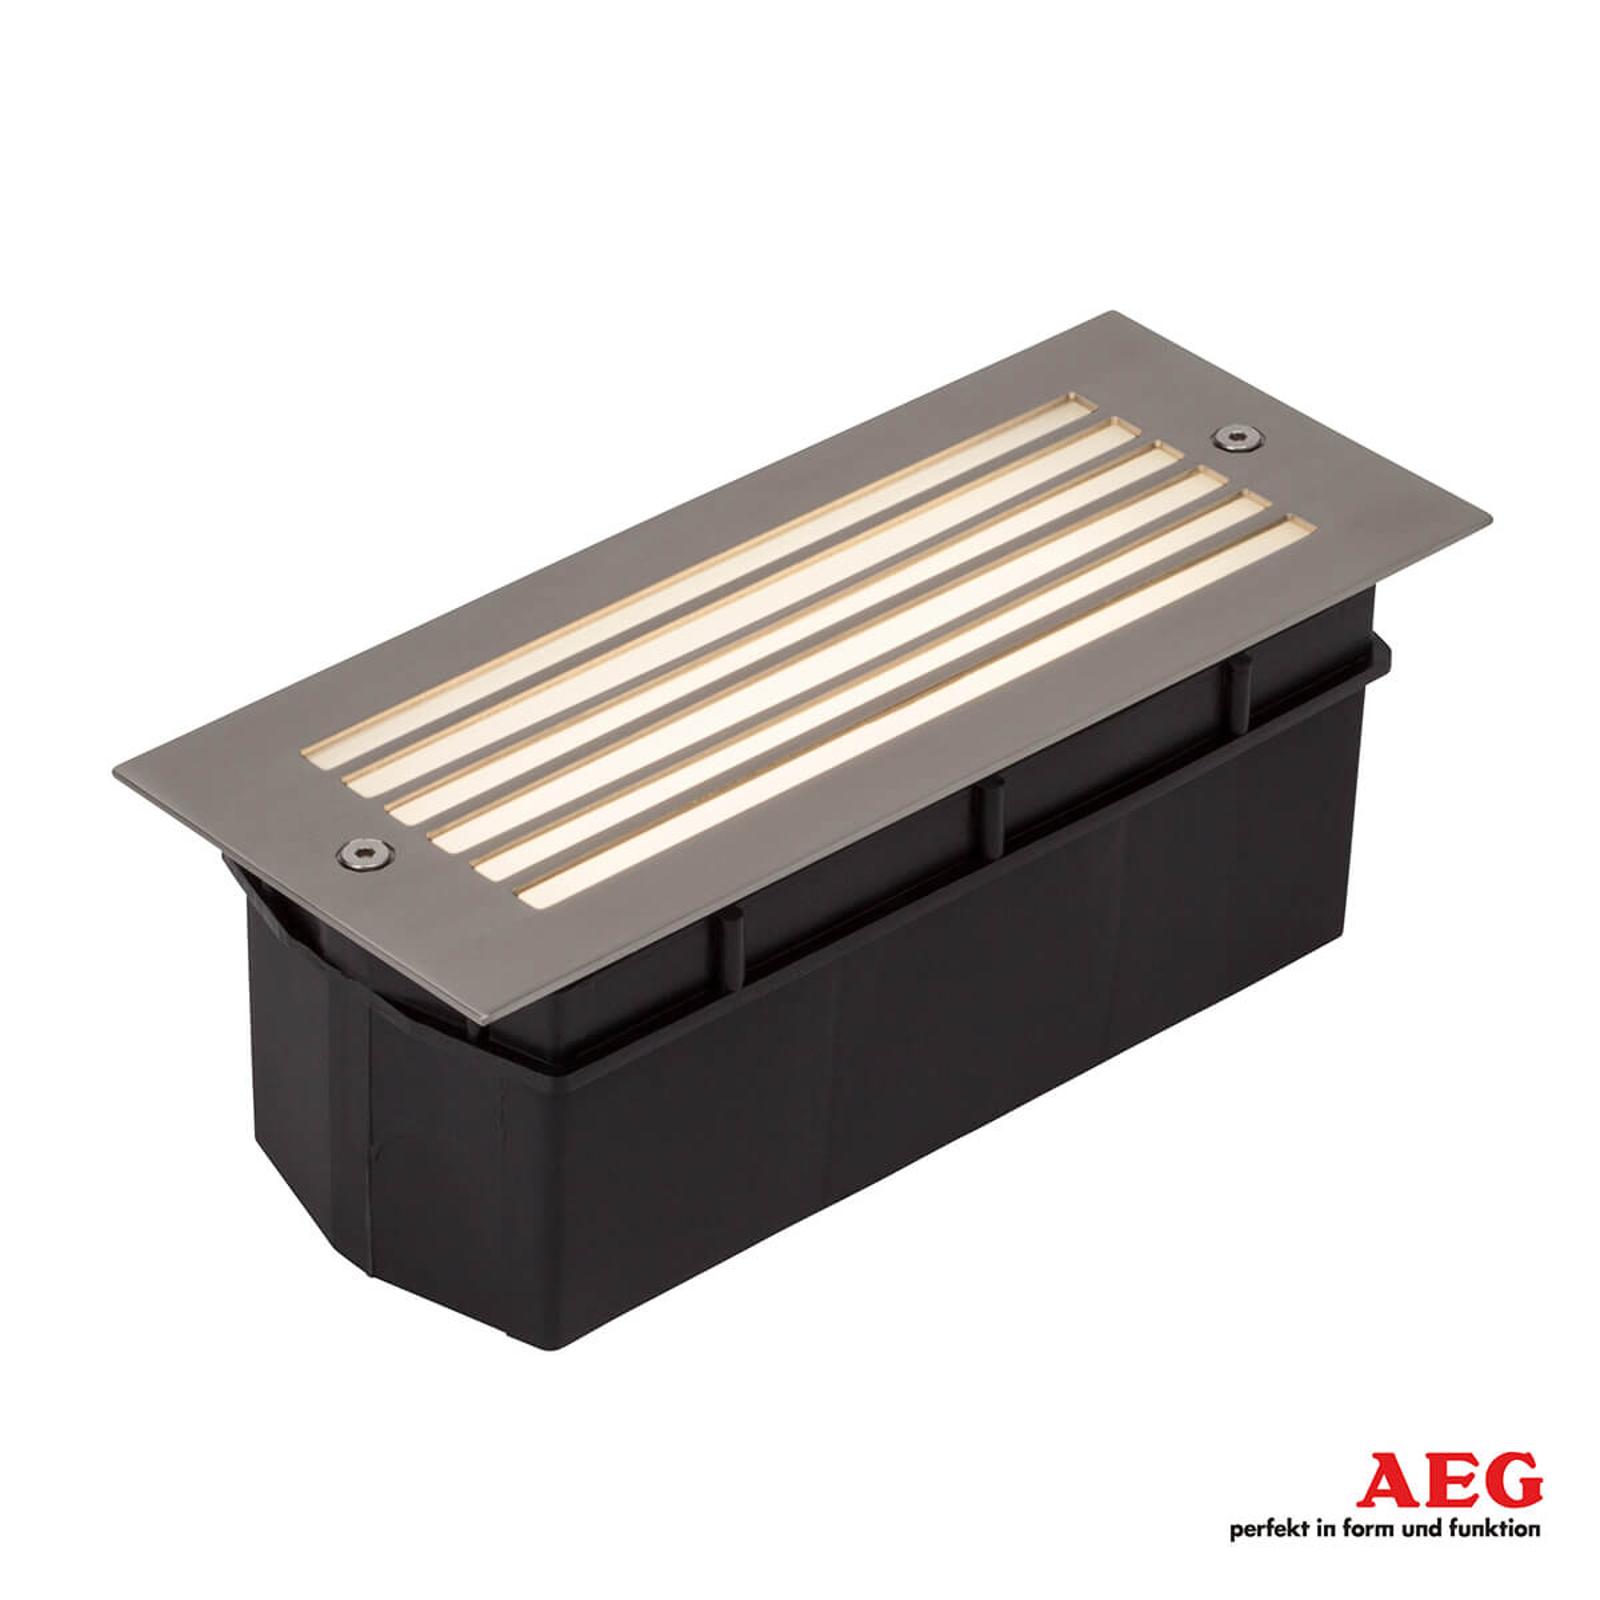 Wall utendørs LED-vegginnfellingslampe med raster